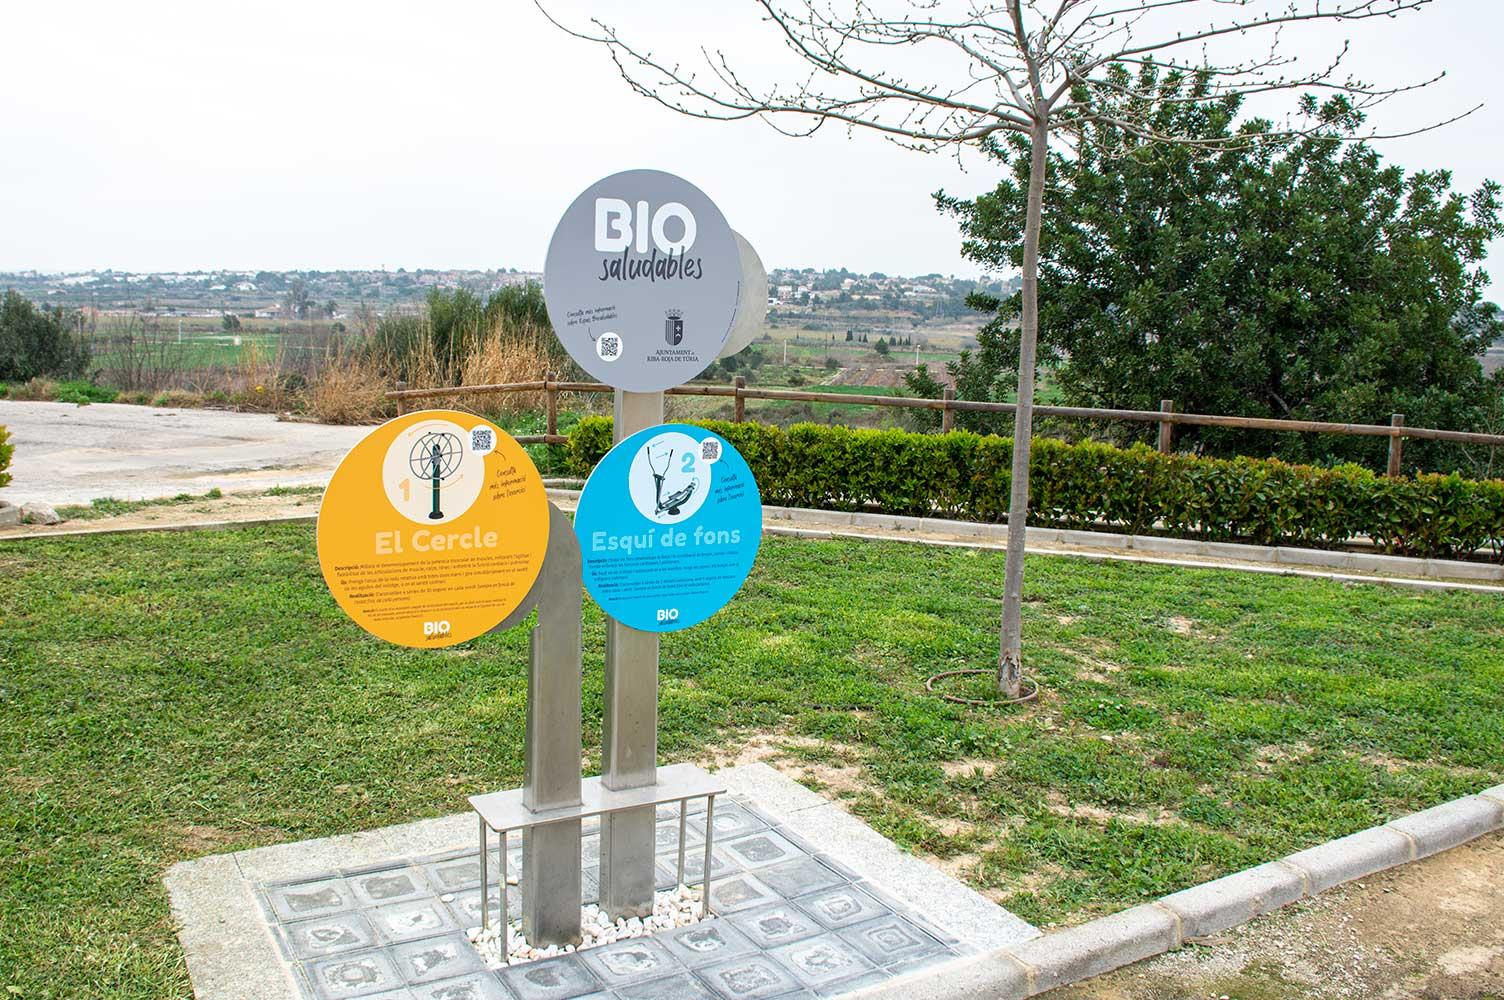 Señal de 3 elementos en la zona Bio Saludables